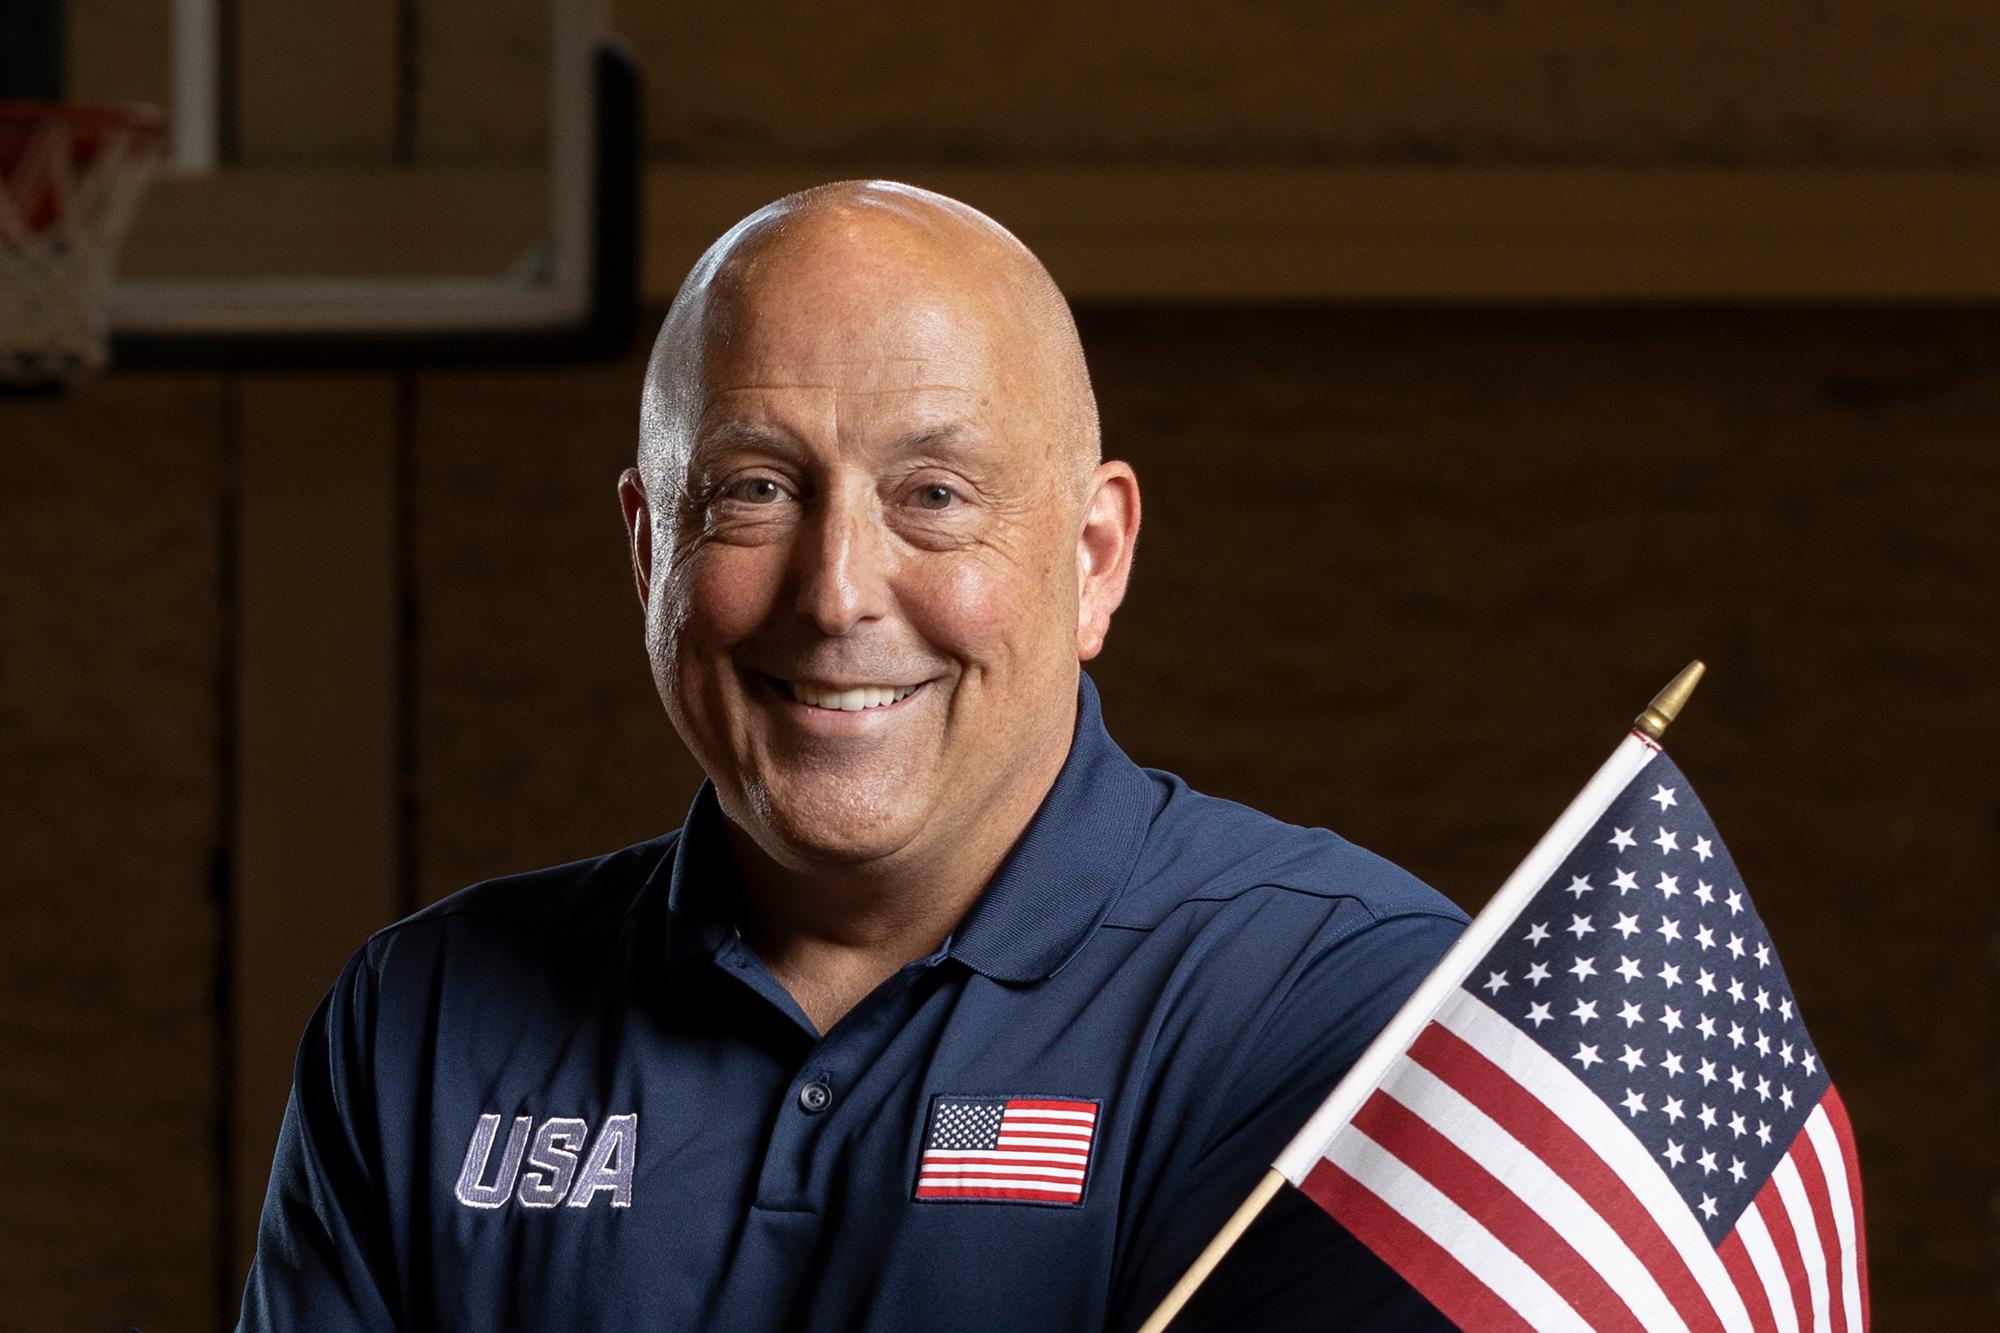 coach ron lykins in a team USA shirt with an american flag